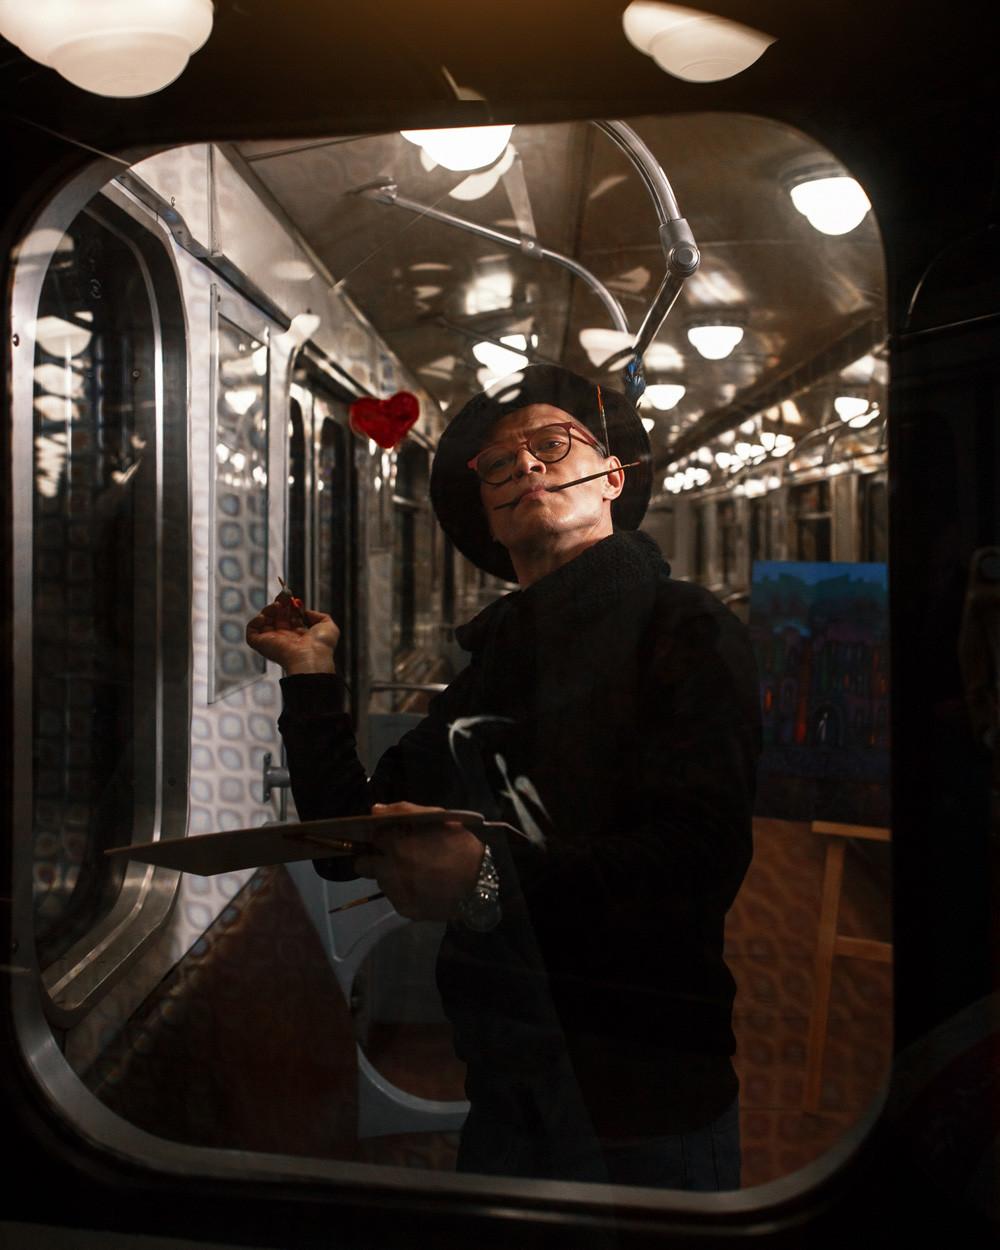 Der berühmte Sankt Petersburger Künstler Valerius traf einst in der heimischen Metro seine Muse: Er verliebte sich in ein rothaariges Mädchen in seinem Waggon. Obwohl er sie persönlich nie kennenlernte, widmete er ihr viele seiner Werke.